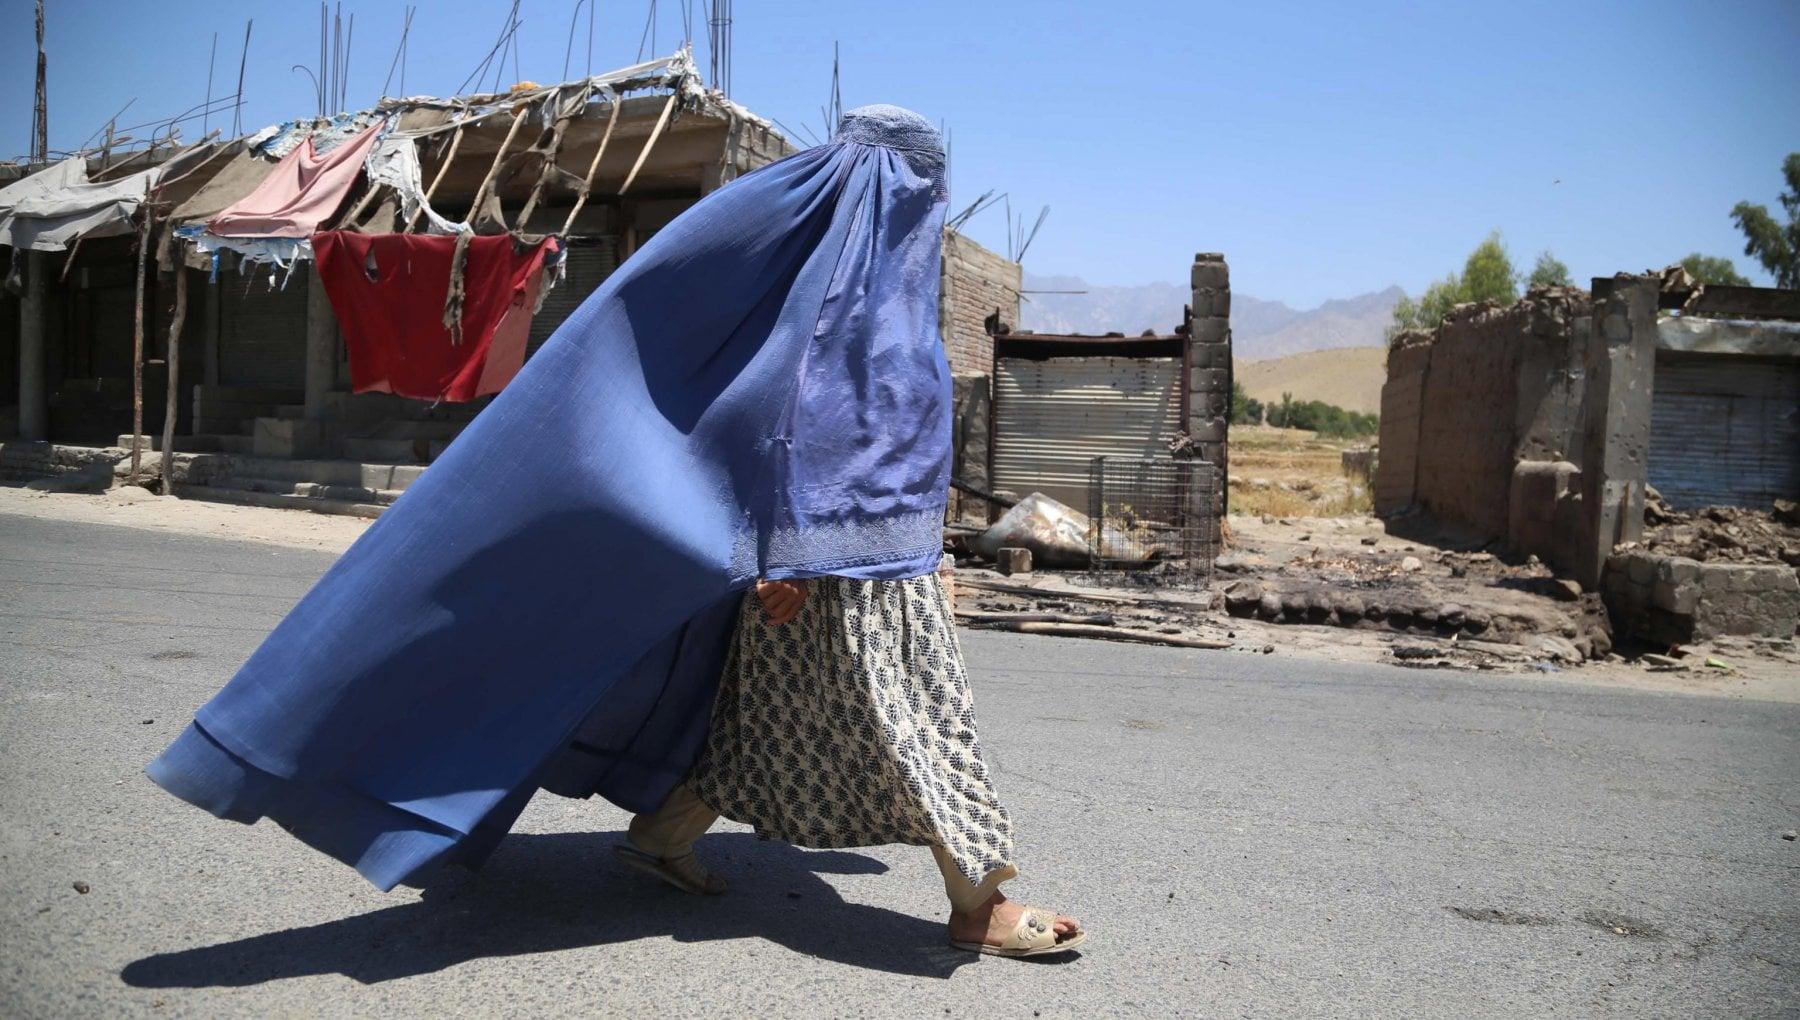 183506902 336fc4c5 2ab4 43d1 85fc 35a4efbd1cf5 - Afghanistan, gli Usa sono pronti ad accogliere le donne e le persone a rischio